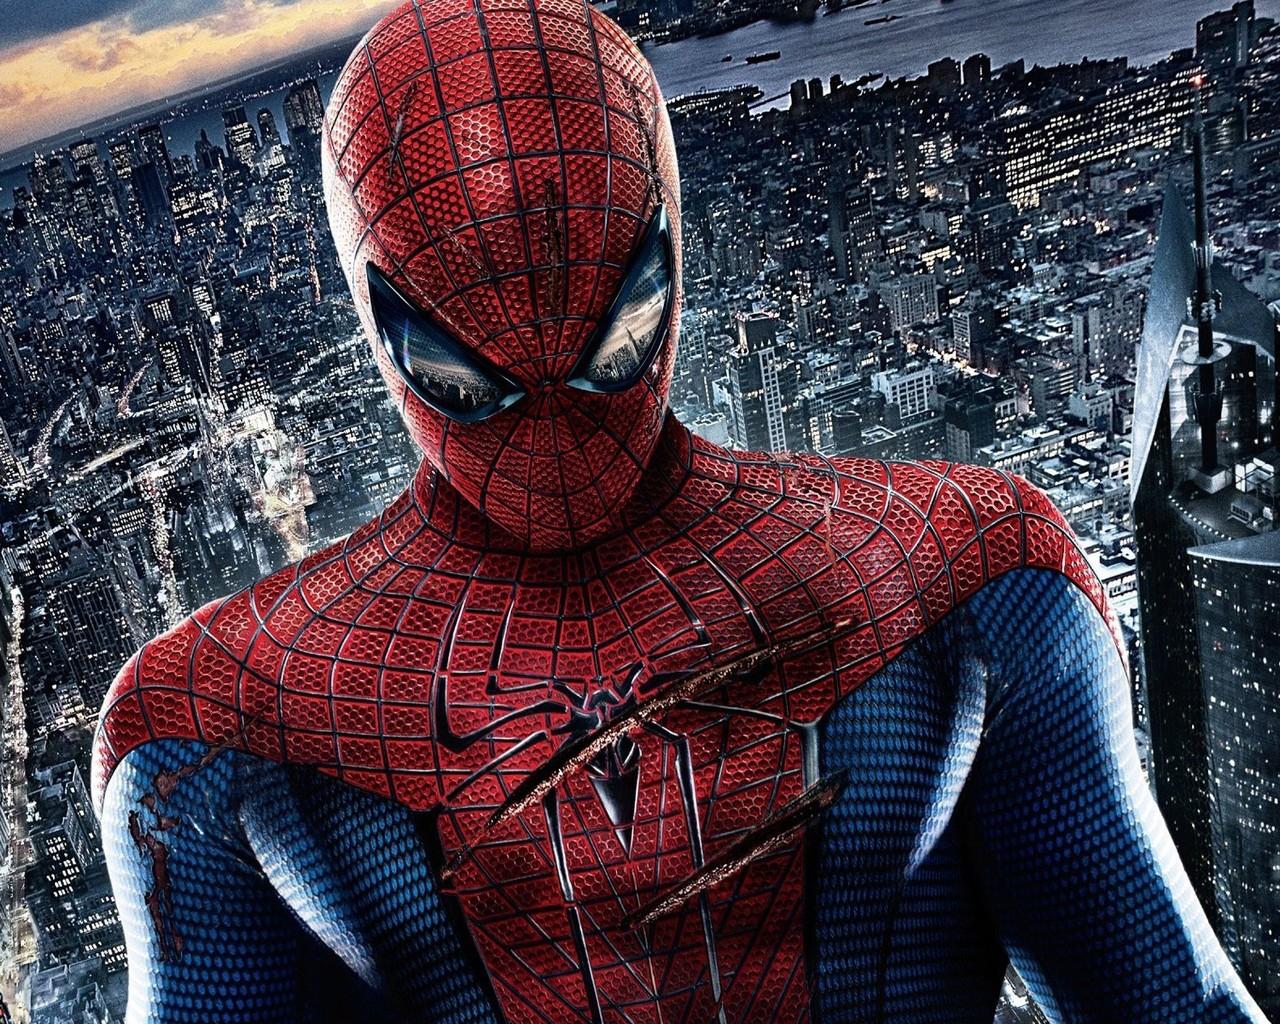 Épisode 18 - Amazing Spiderman: podcastetgommeballoune.blogspot.com/2012/07/episode-18-amazing...